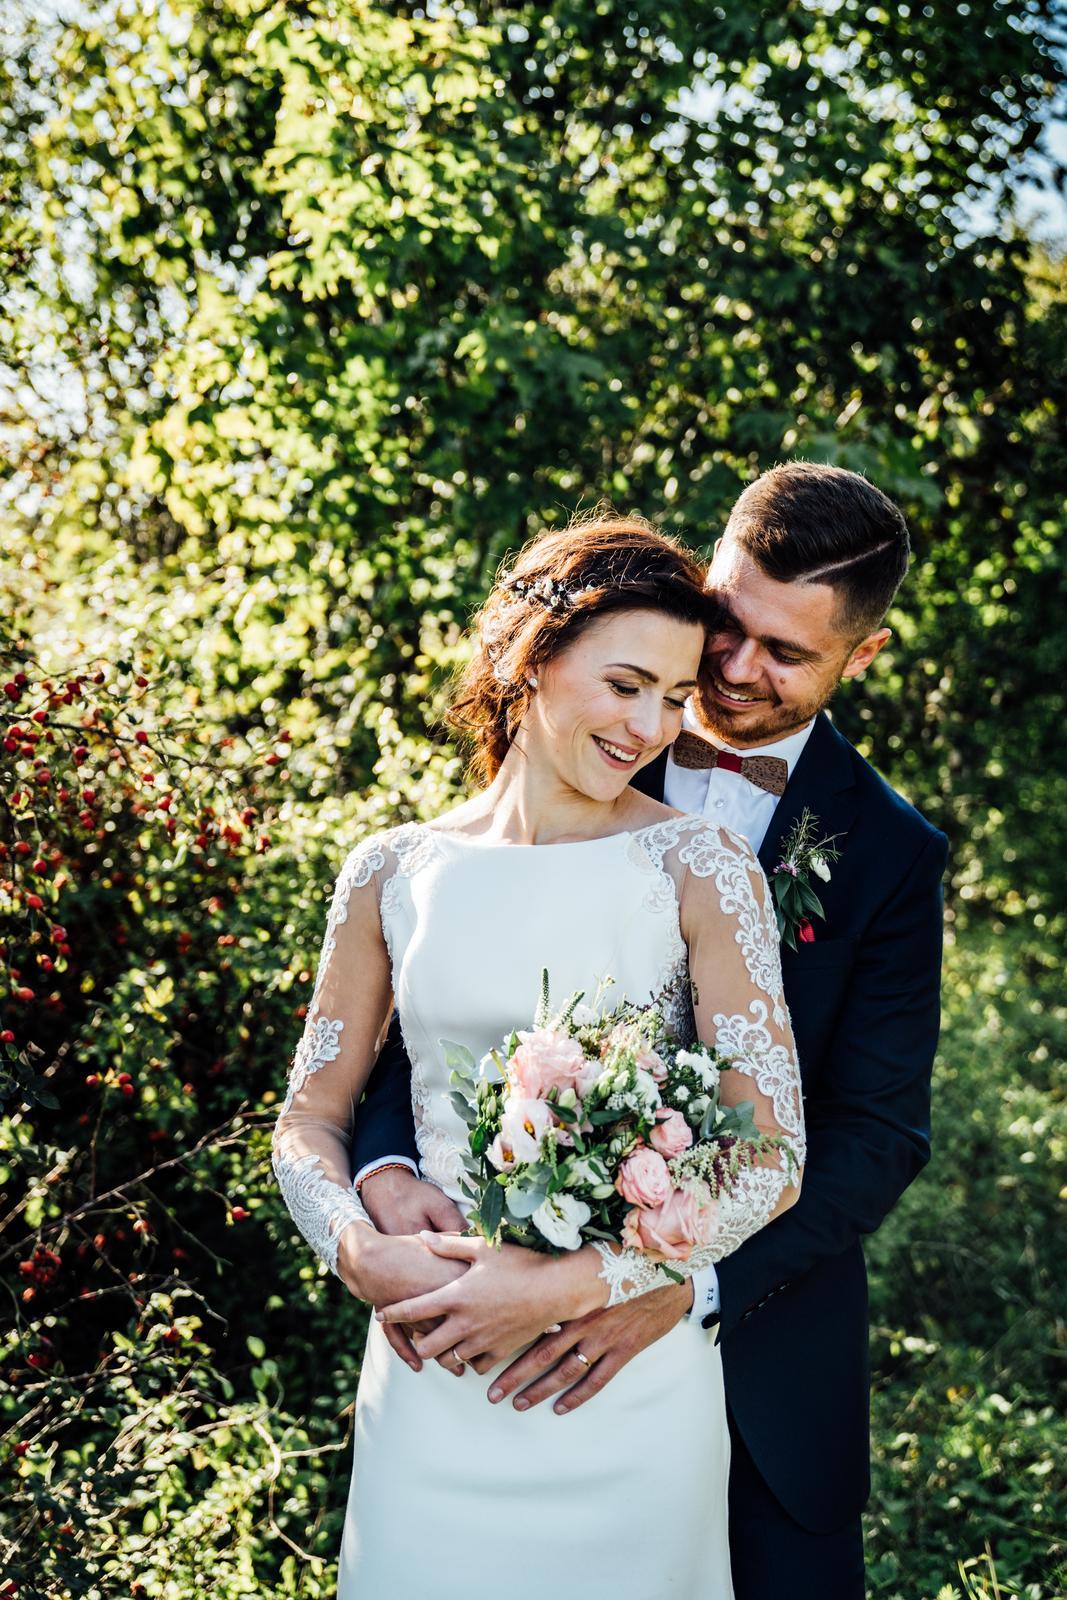 Kateřina & Tomáš (Podzimní svatba 2019) - Obrázek č. 1